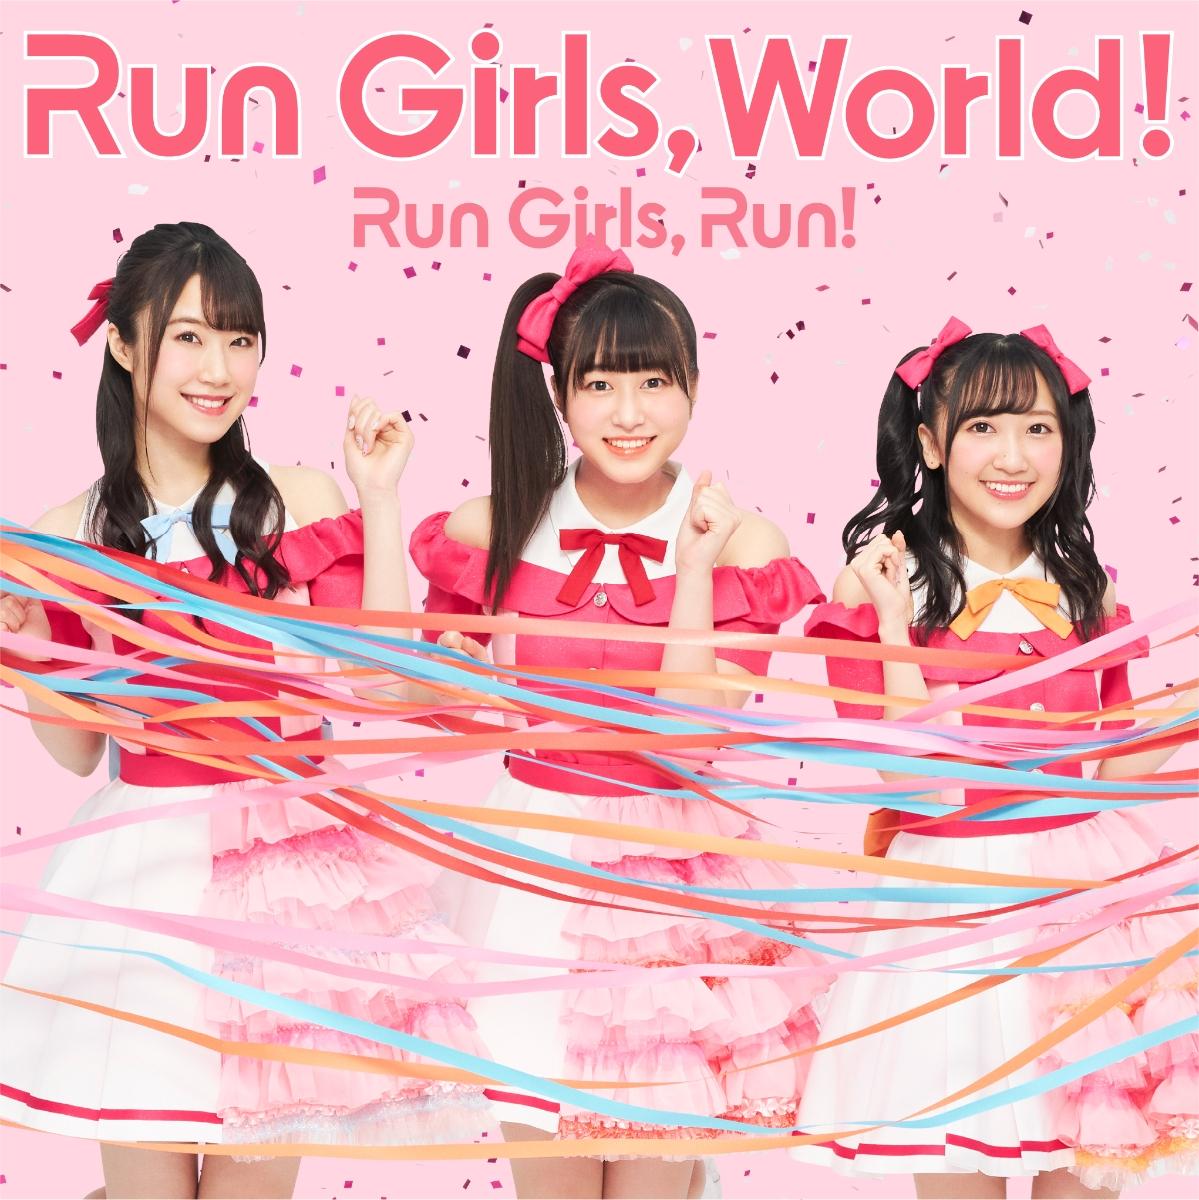 Run Girls, Run! - Run Girls, World!